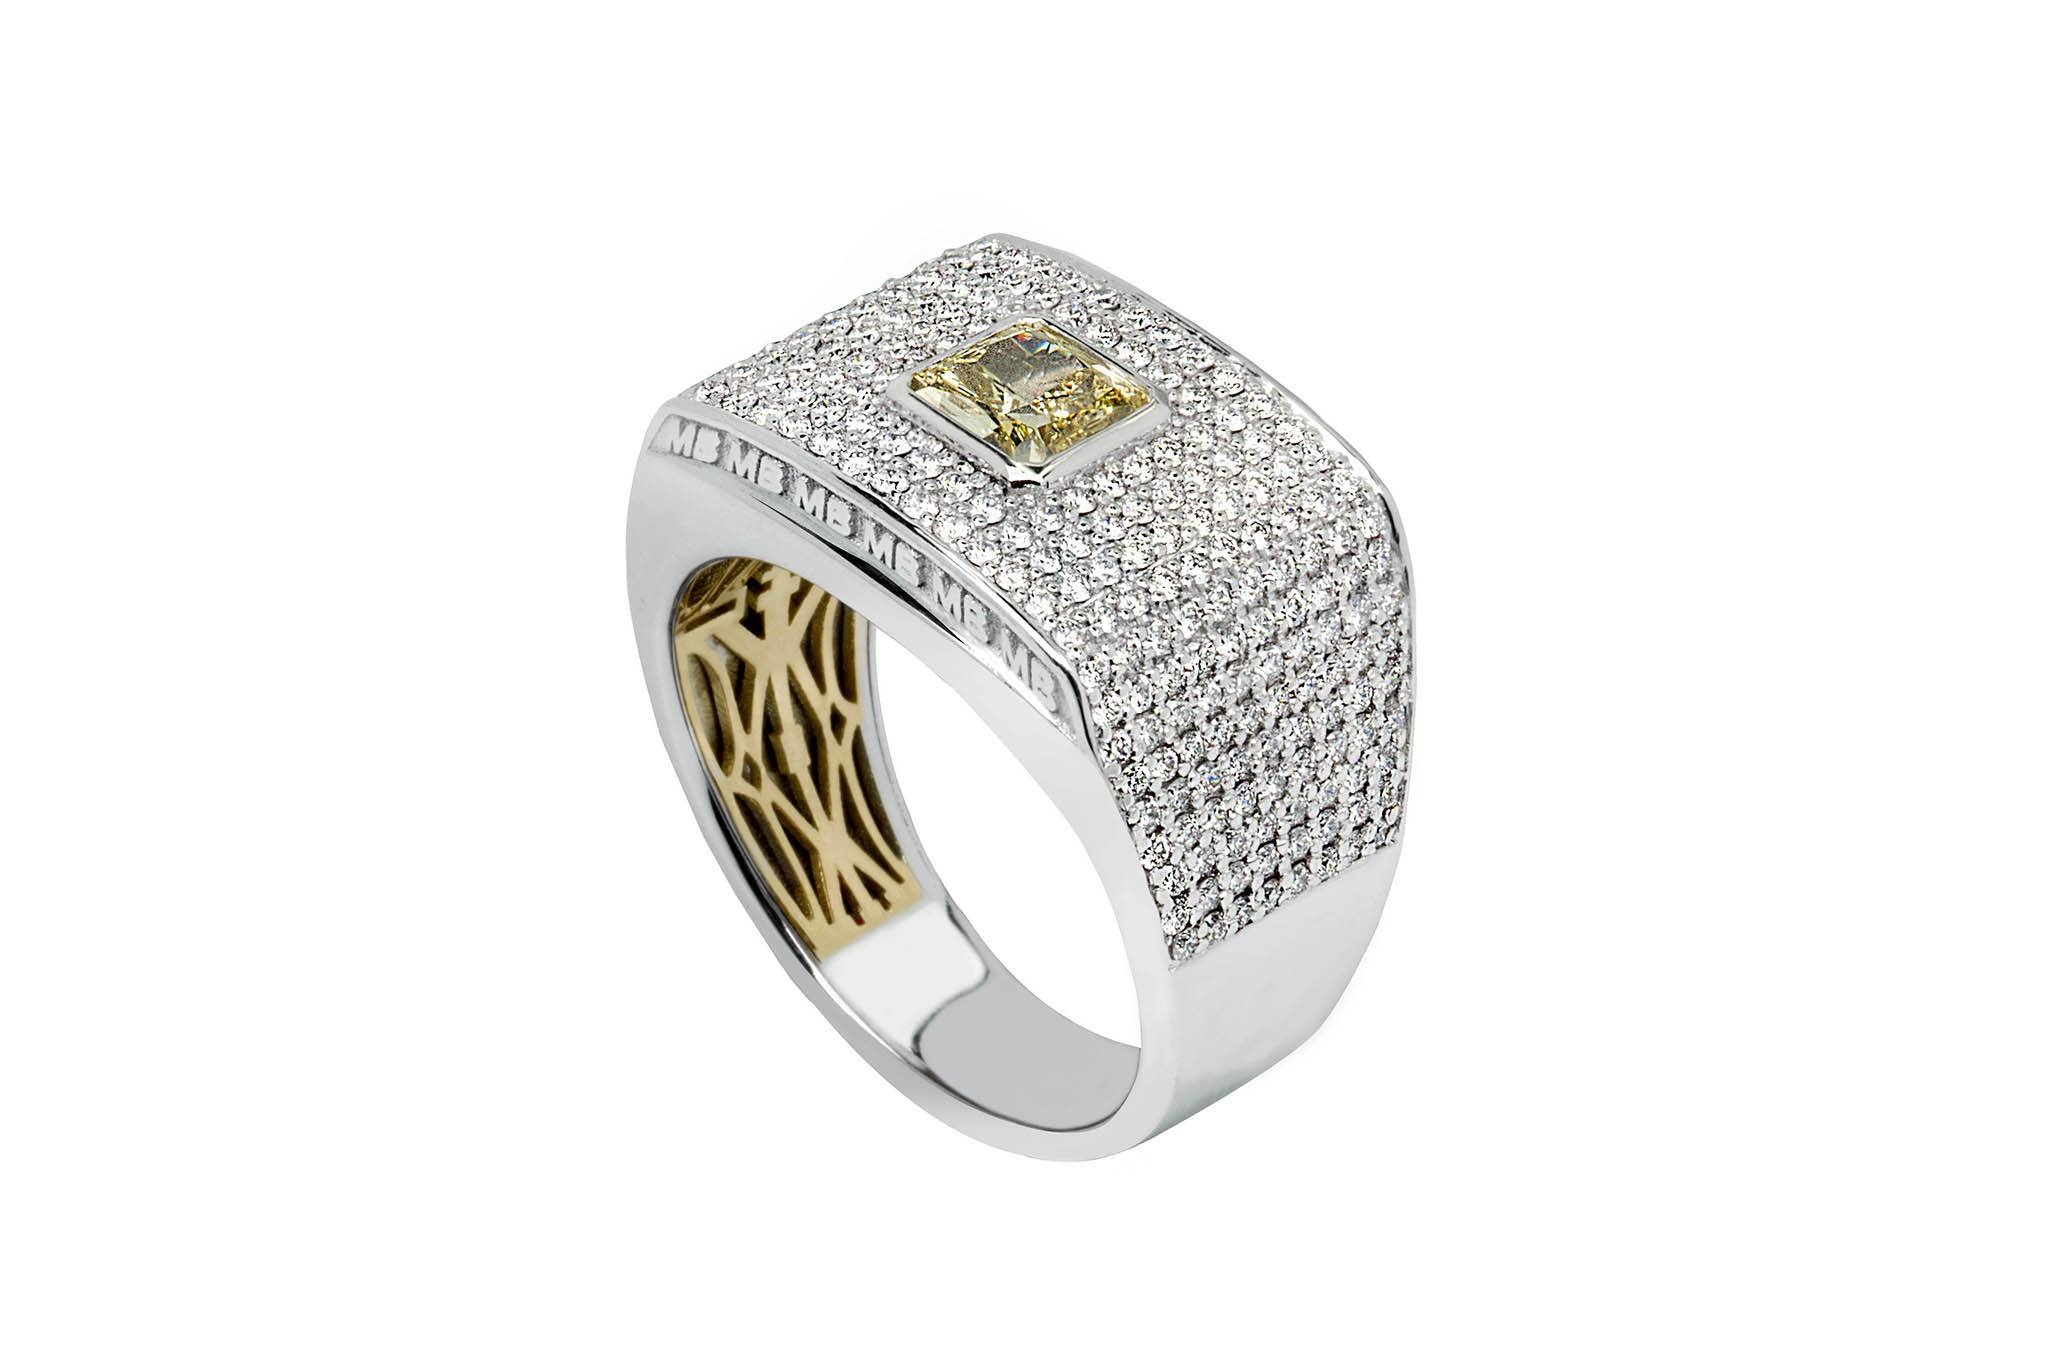 Custom Design Wedding Rings For Her | Kalfin Intended For 2017 Custom Design Wedding Bands (View 9 of 15)